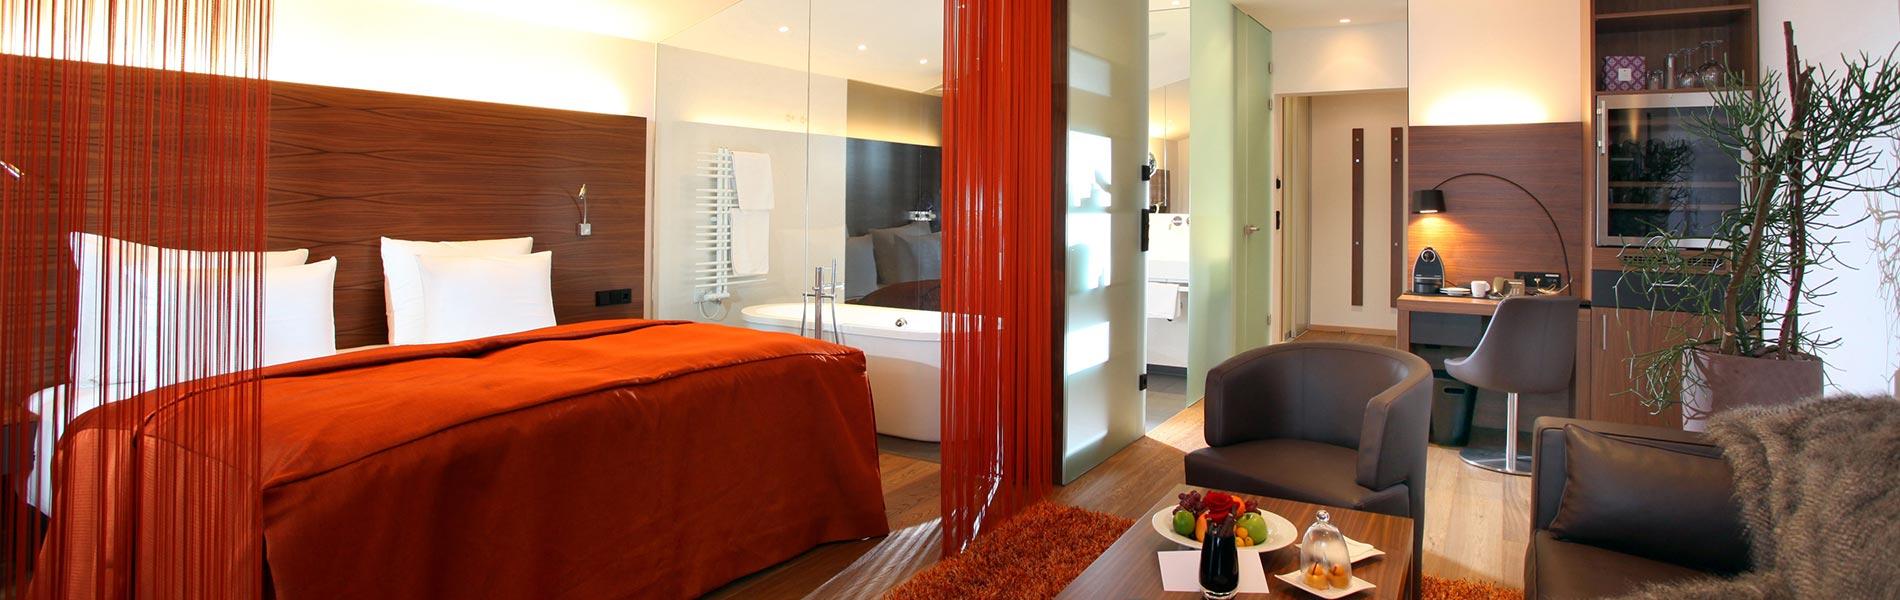 GDS Relais & Châteaux Hotel Restaurant Spa Rosengarten